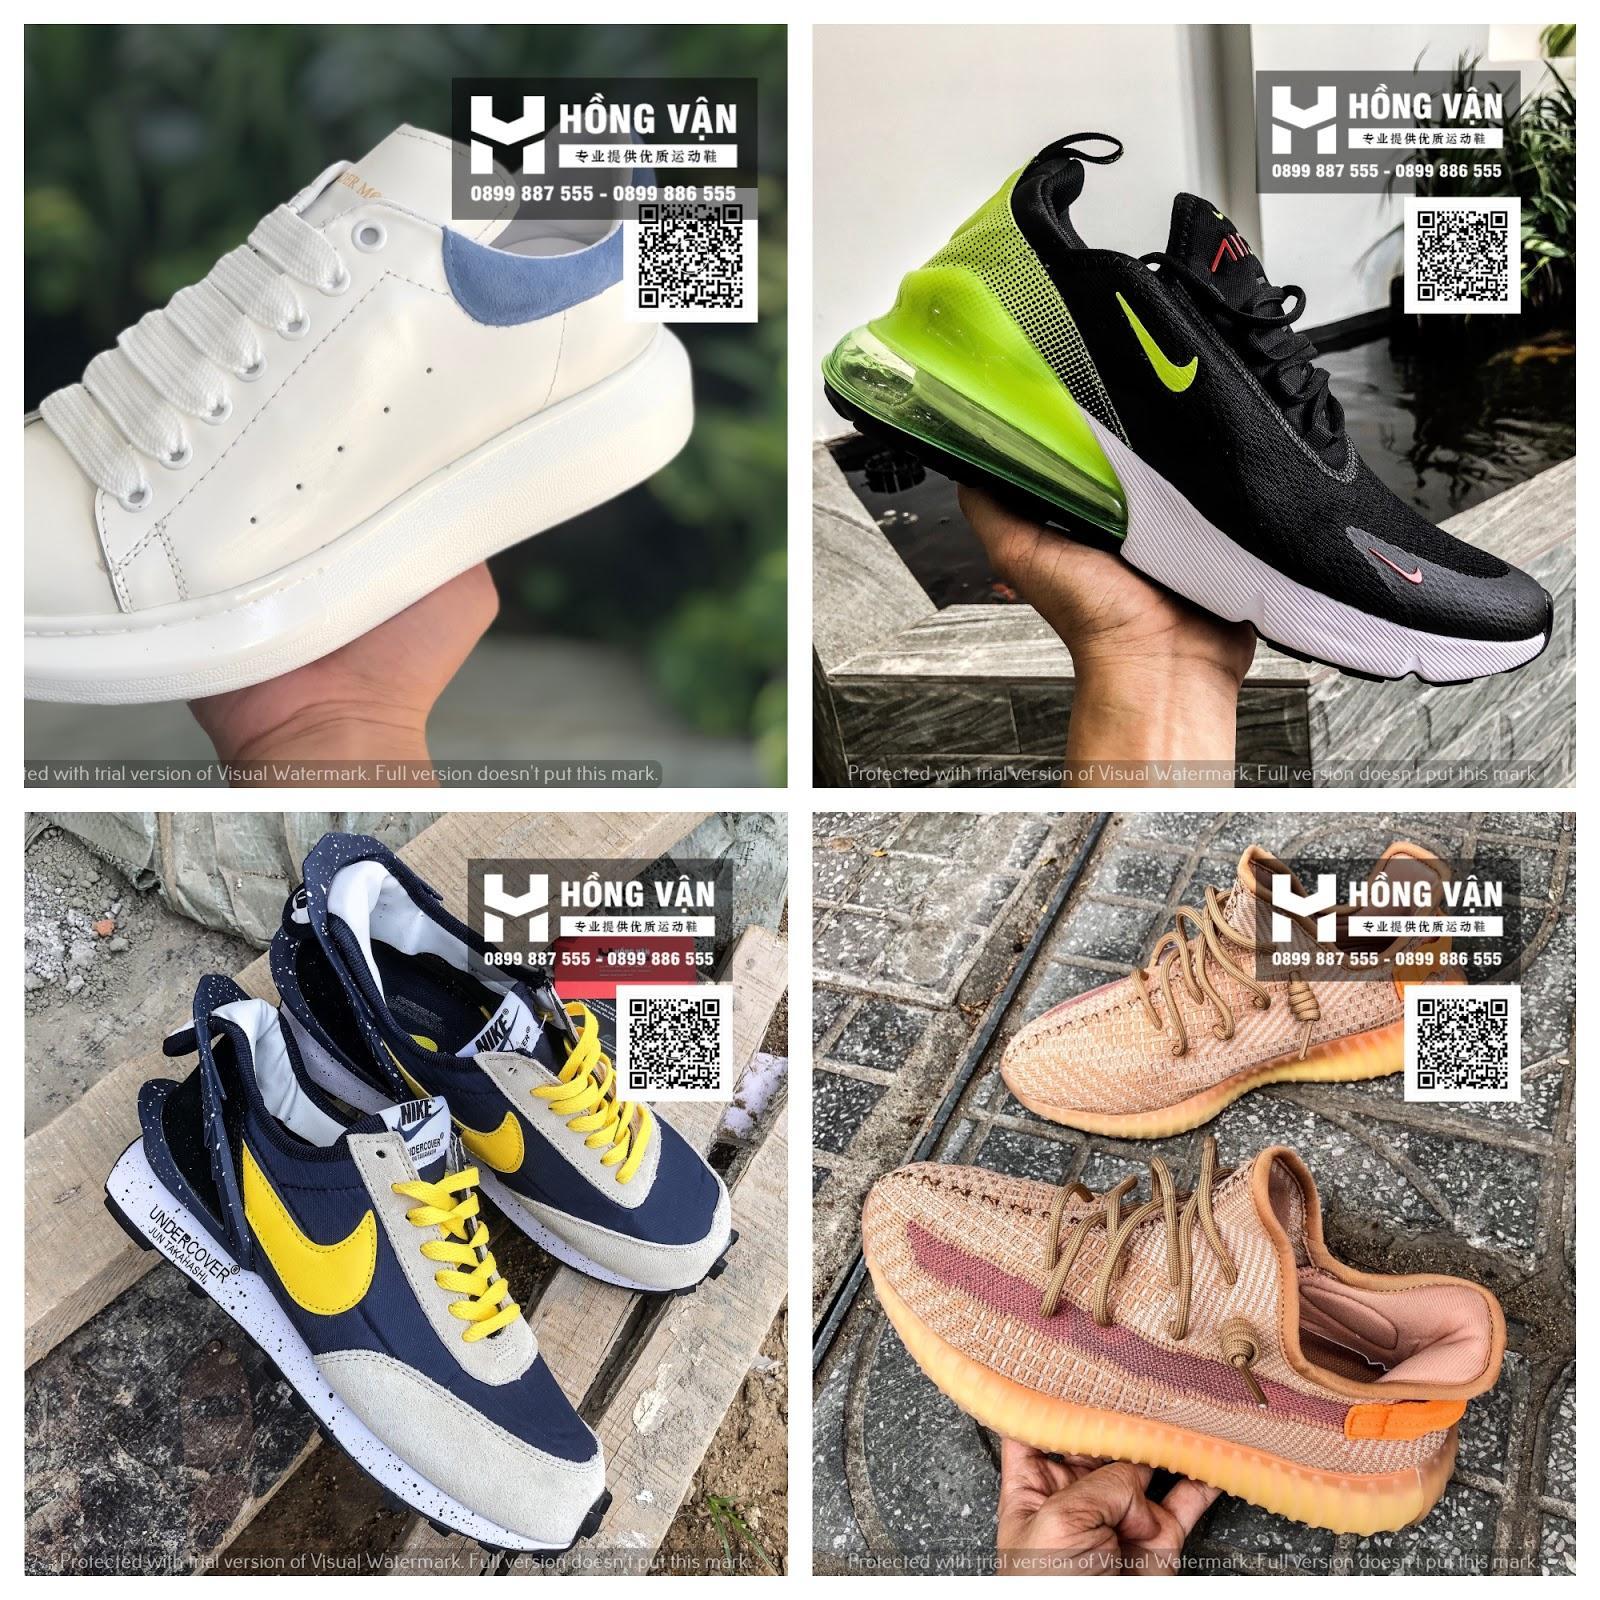 Nguồn hàng sỉ giày thể thao Sf, rep, rep 1:1 chuẩn chất lượng , uy tín - 6